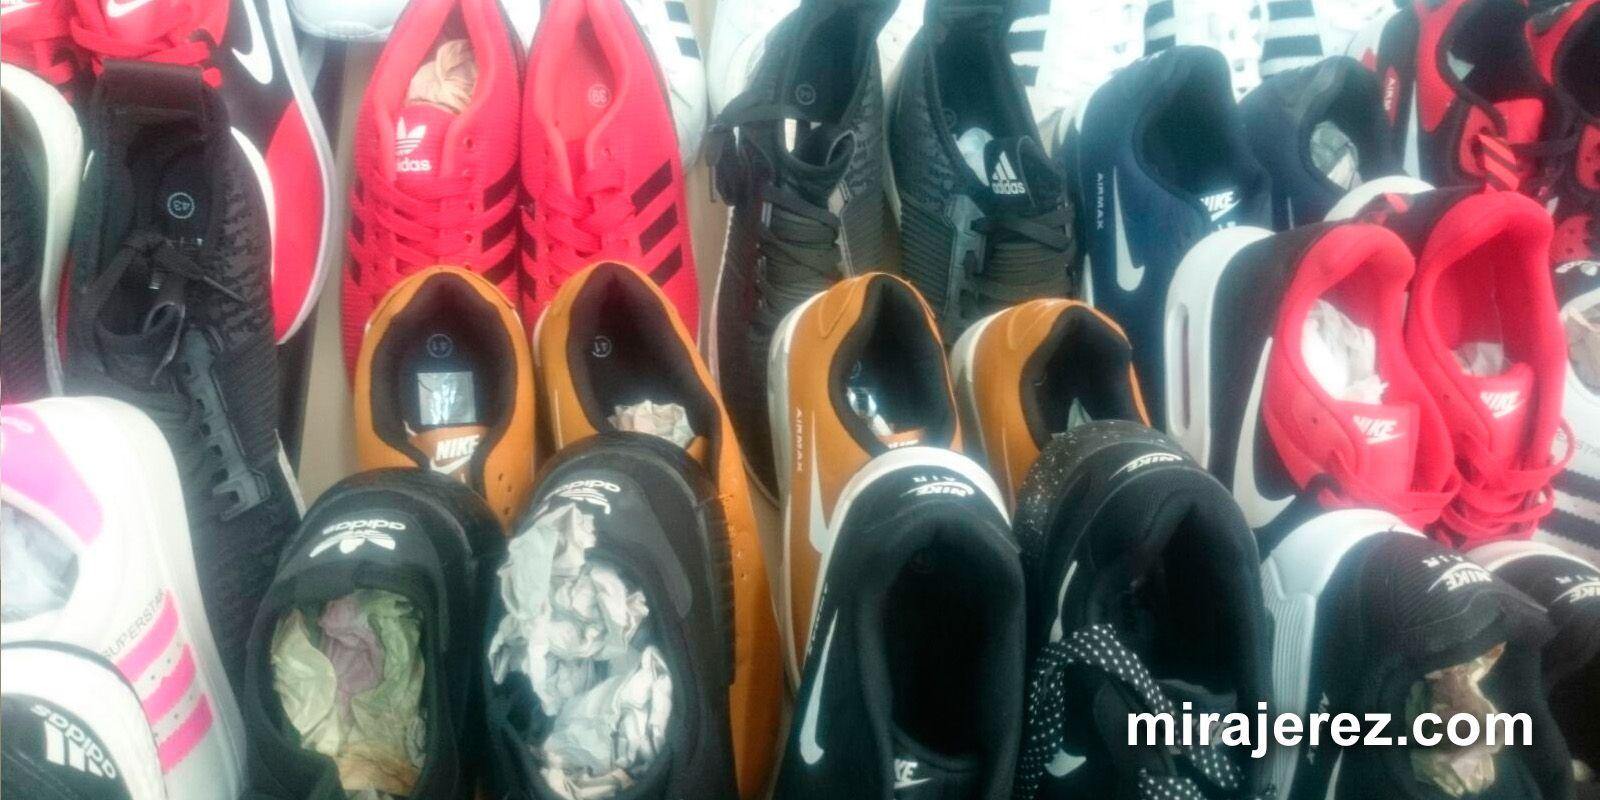 Jerez Falsificadas Adidas Deporte De Zapatillas Estella Nike Y En Z8qEttw